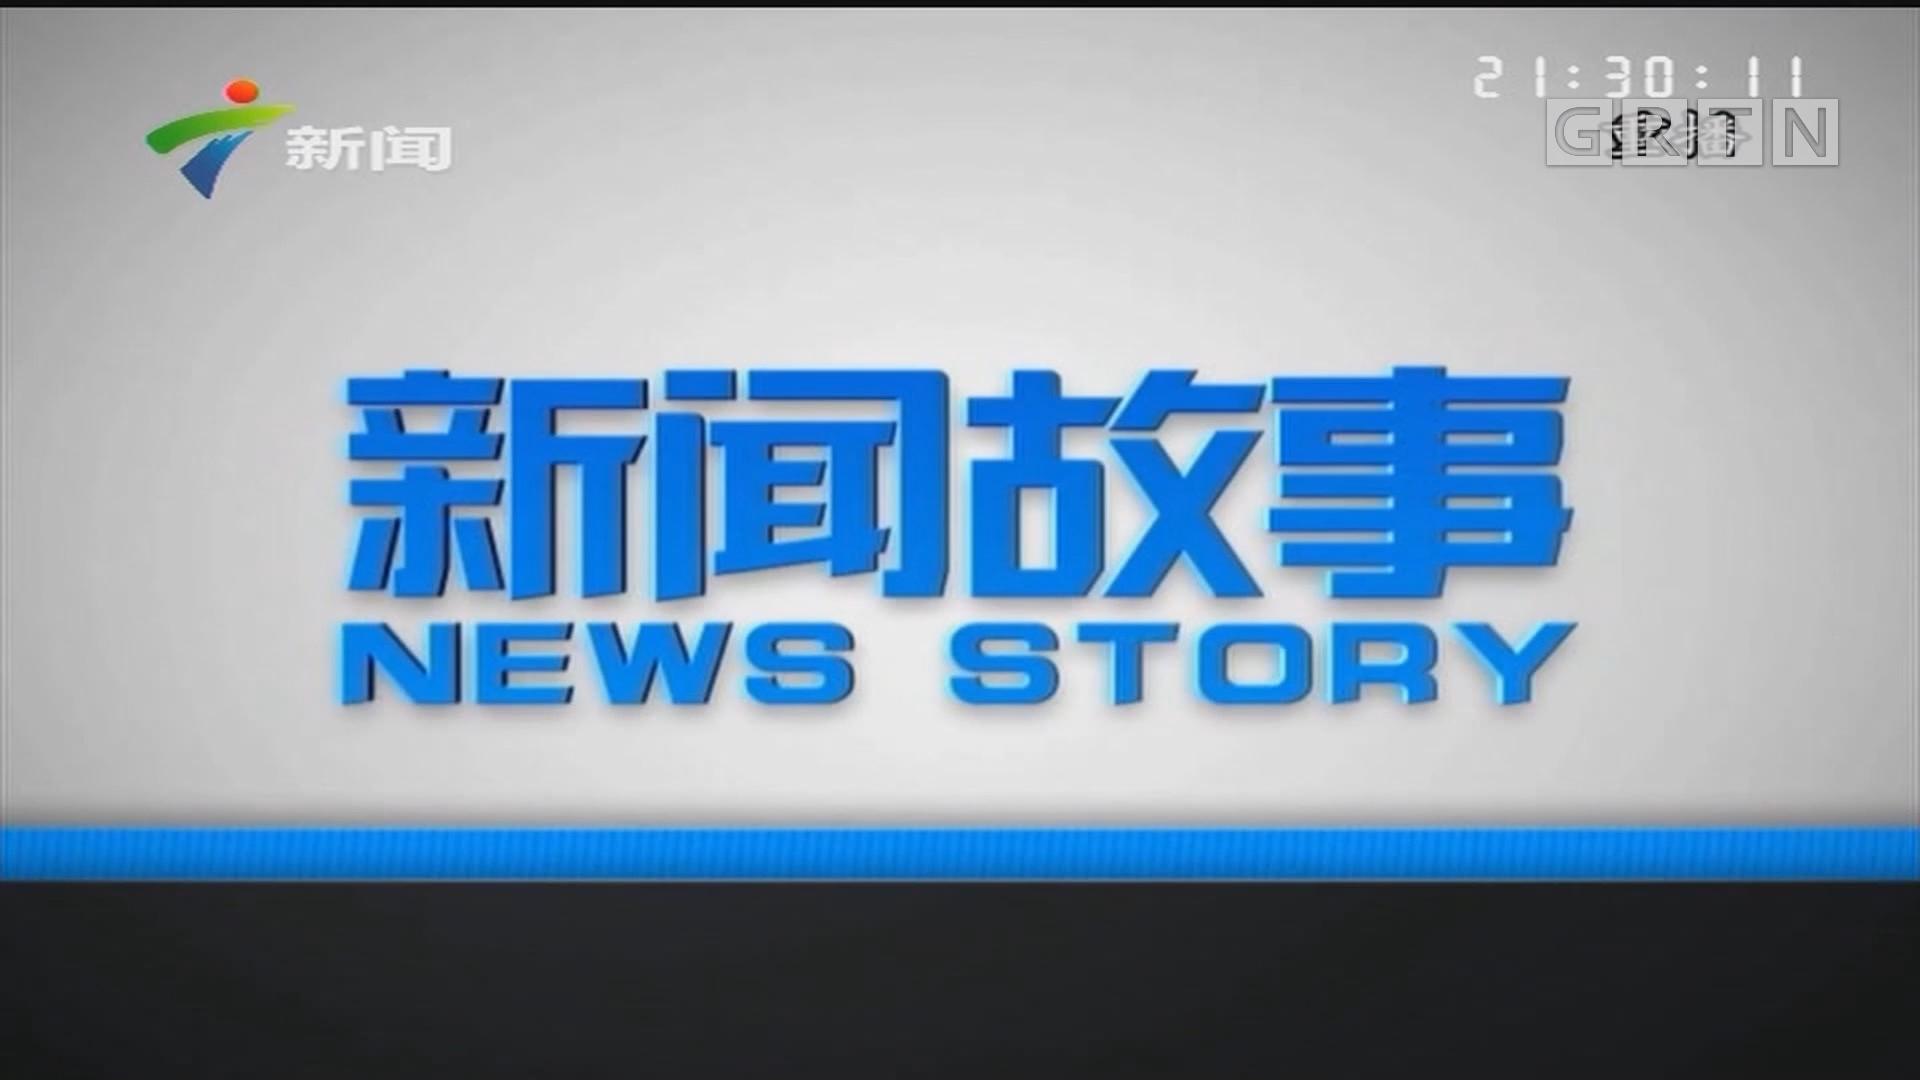 [HD][2019-11-12]新聞故事:二十五年的追問(上)